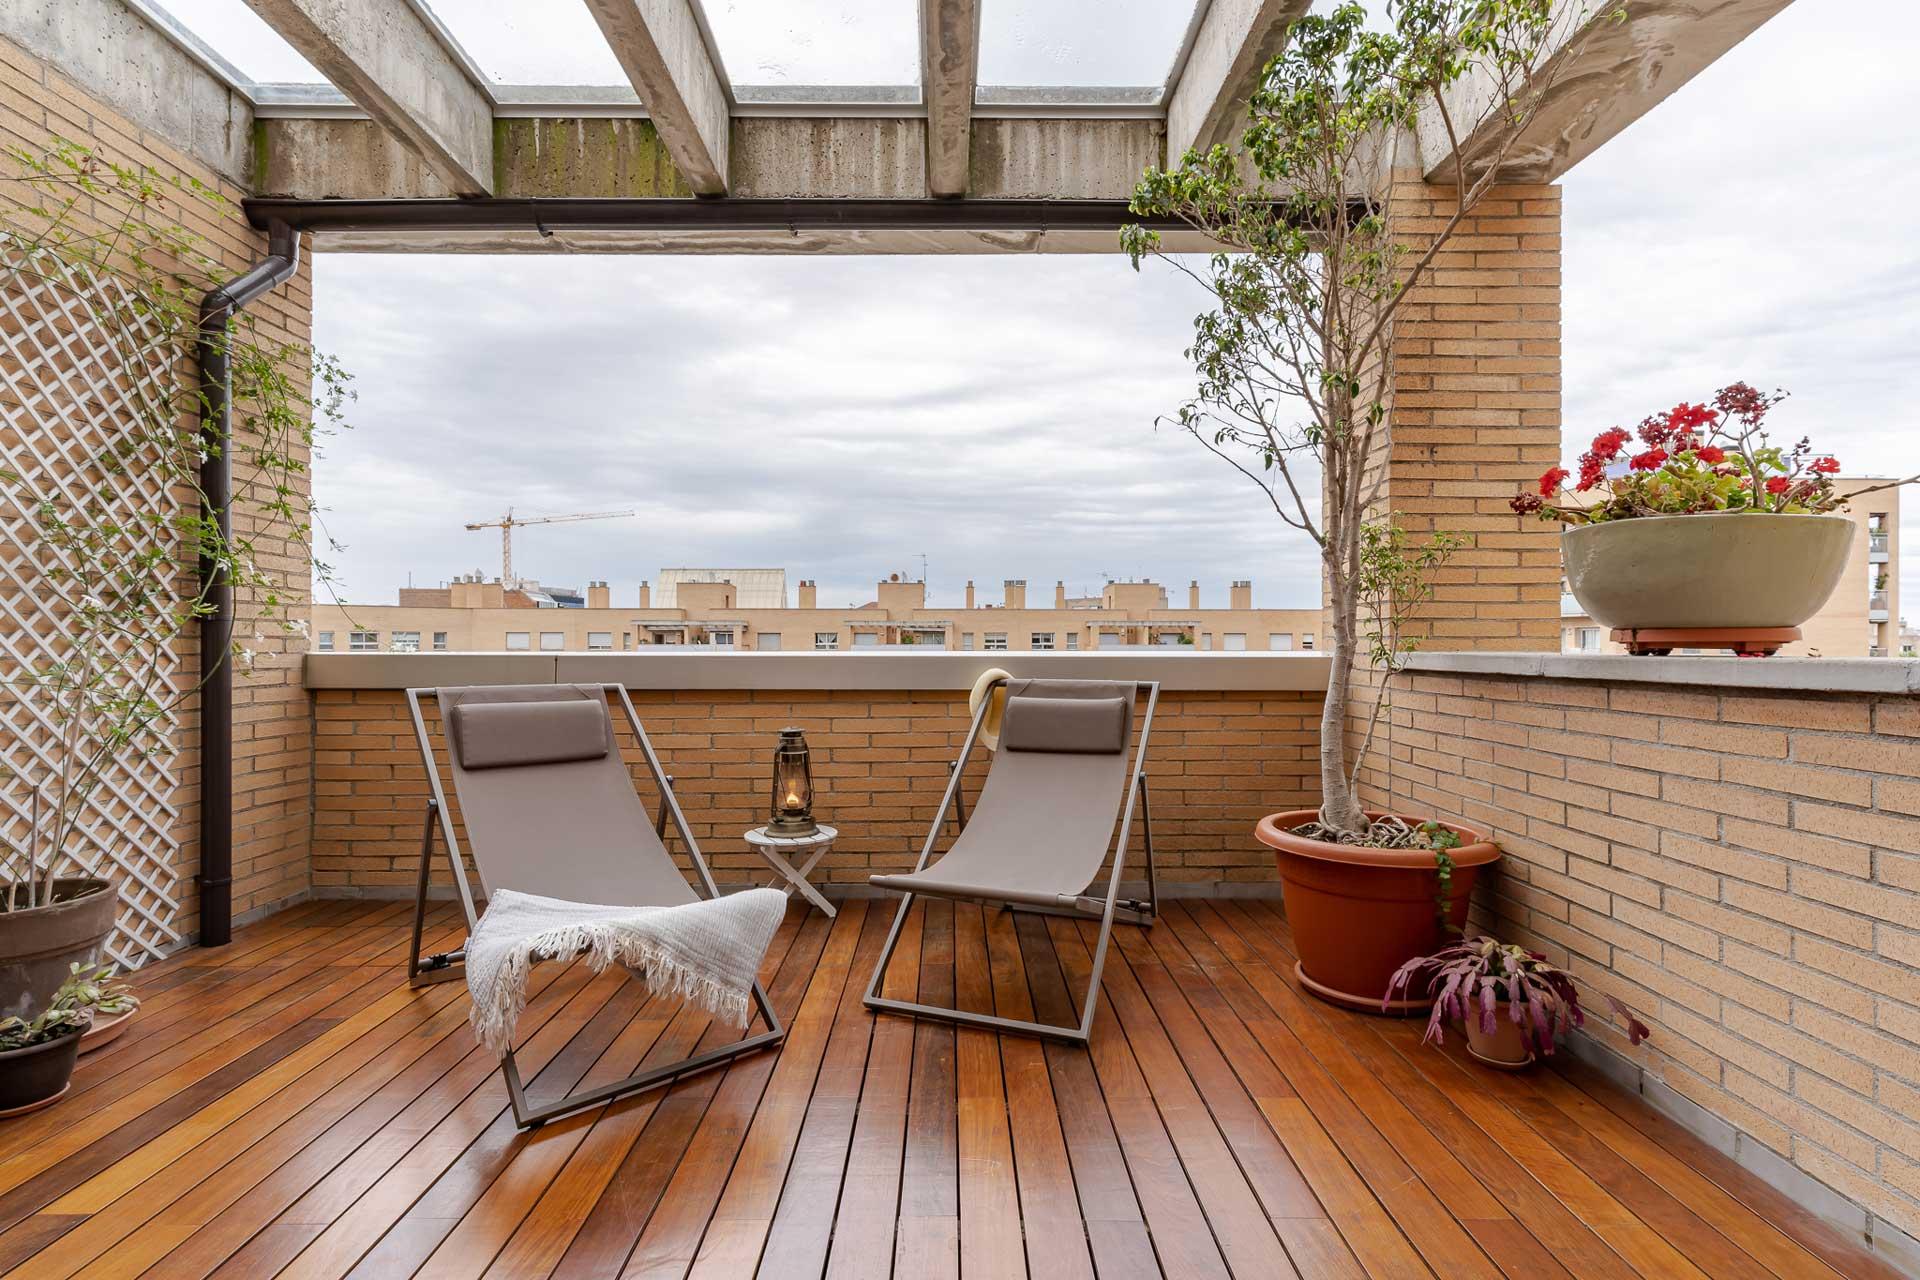 El diseño de terrazas y la recuperación de espacios intermedios marcarán las tendencias de interiorismo de 2021.